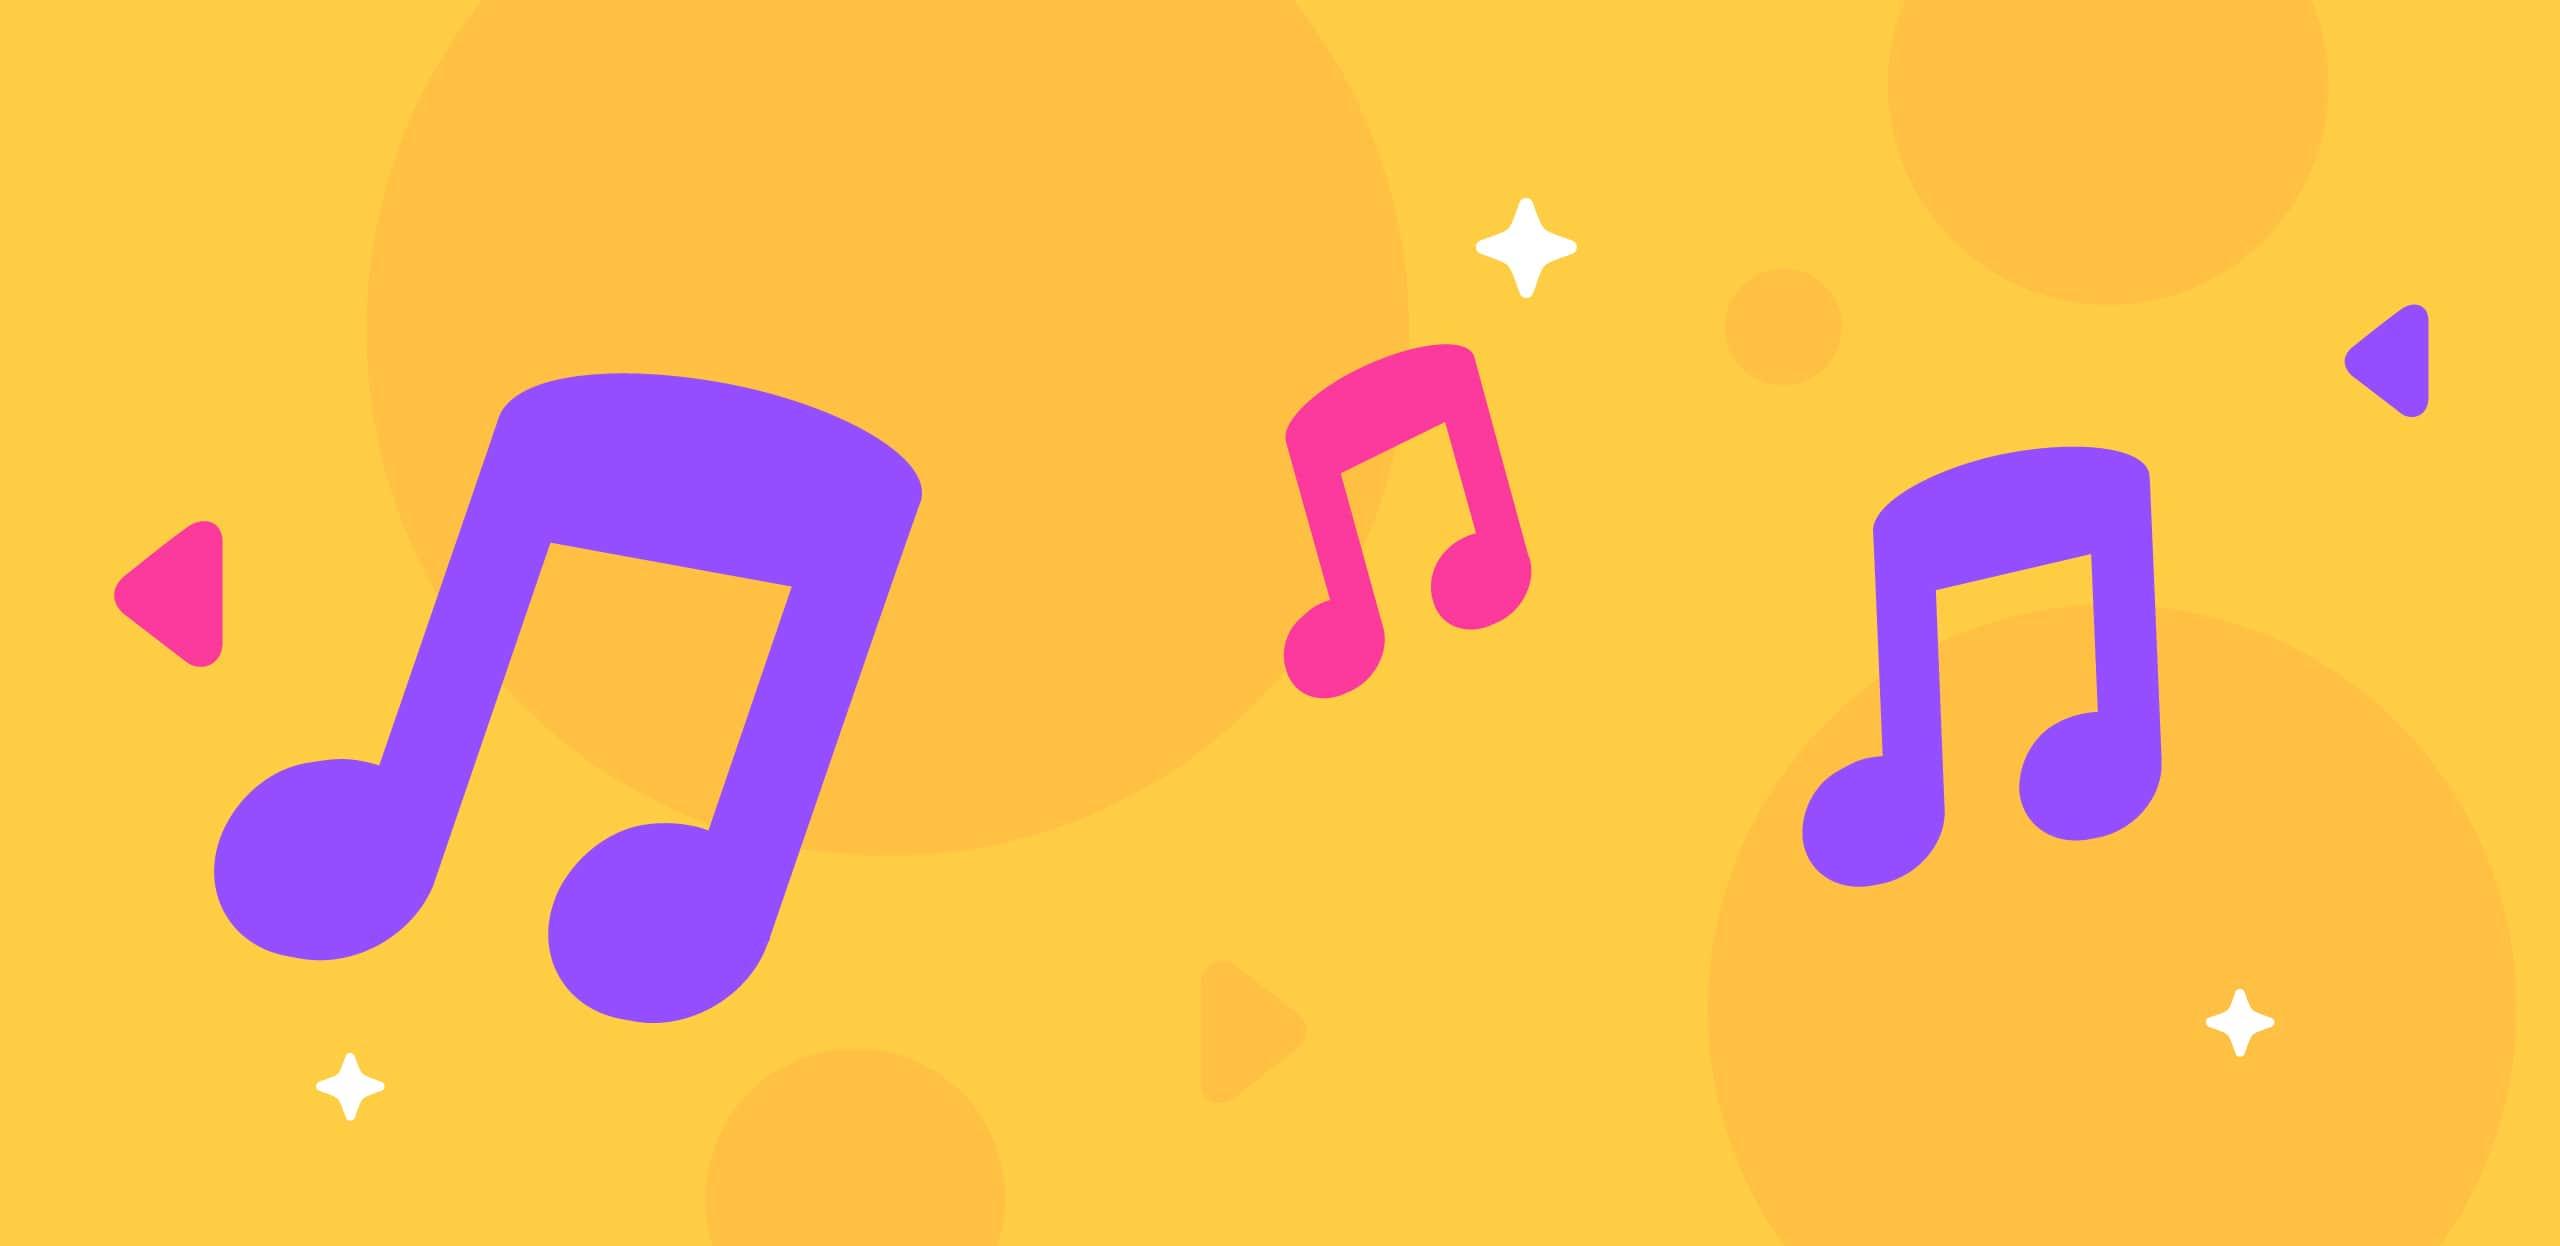 В ОК появилась подписка на музыку за 75 рублей и прослушивание треков без интернета